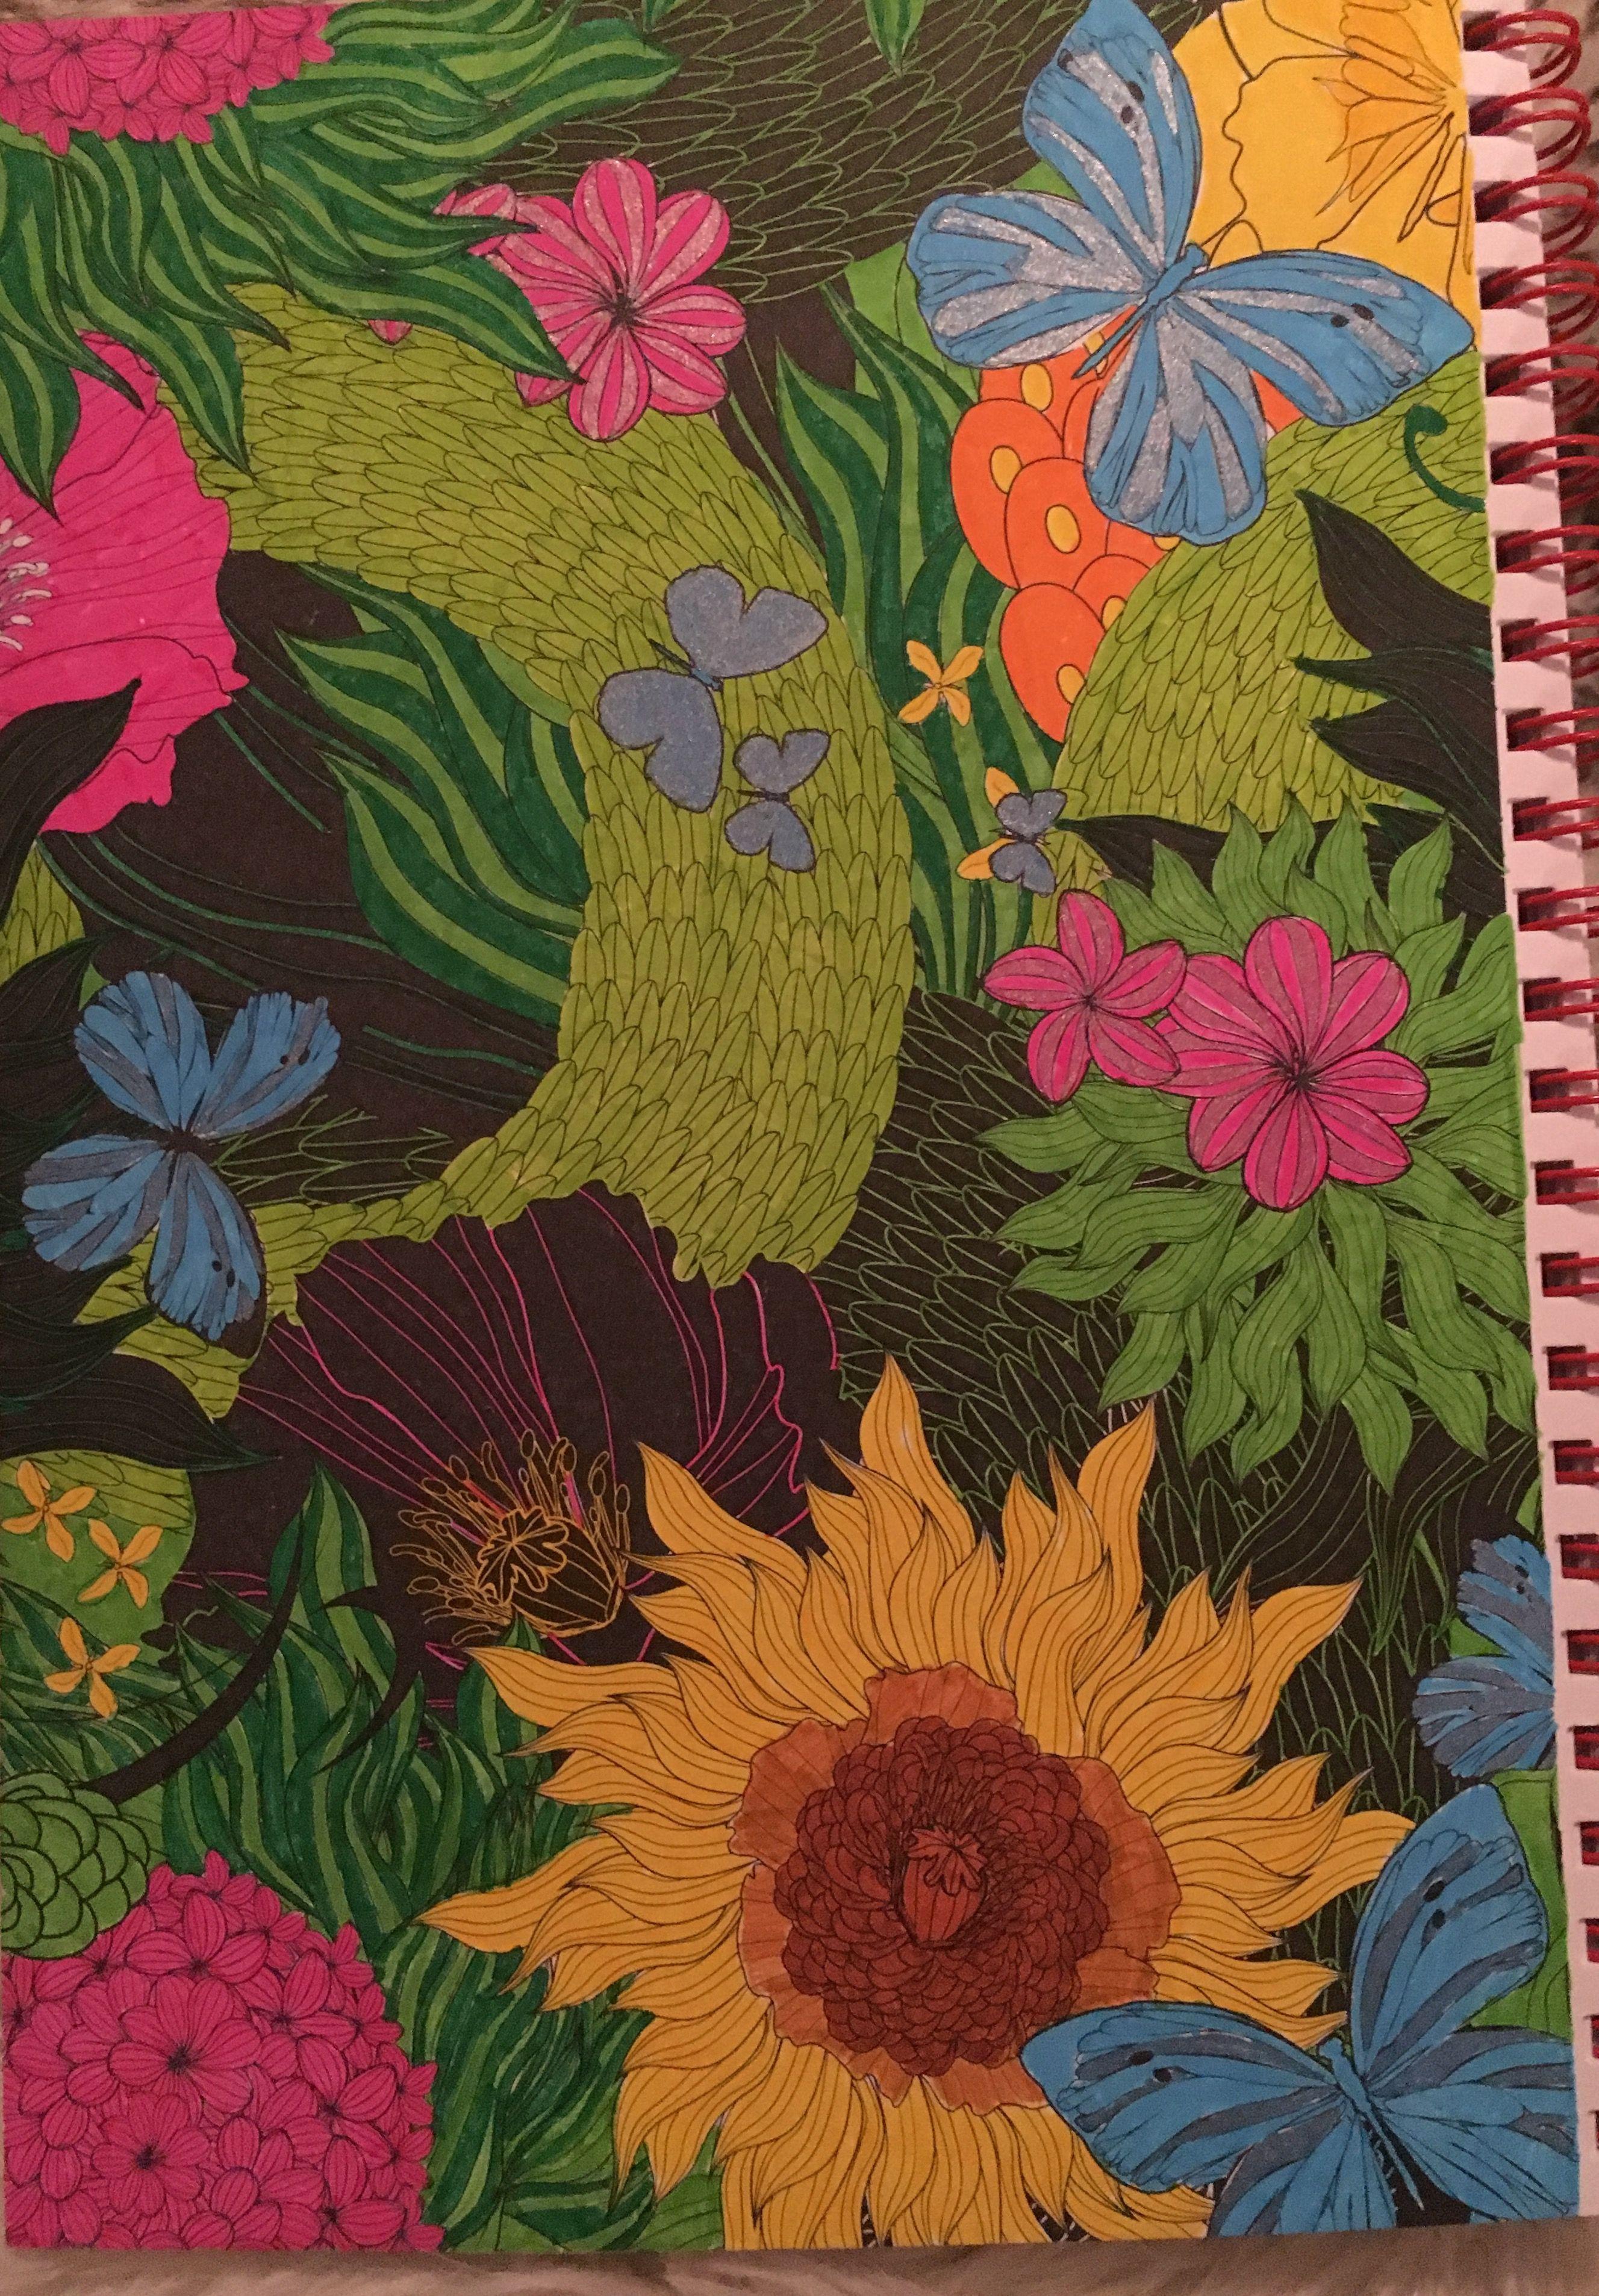 Kleurplaten Uit Kleurboek Voor Volwassenen.Kleurplaat Uit Het Enige Echte Kleurboek Voor Volwassenen Op Reis